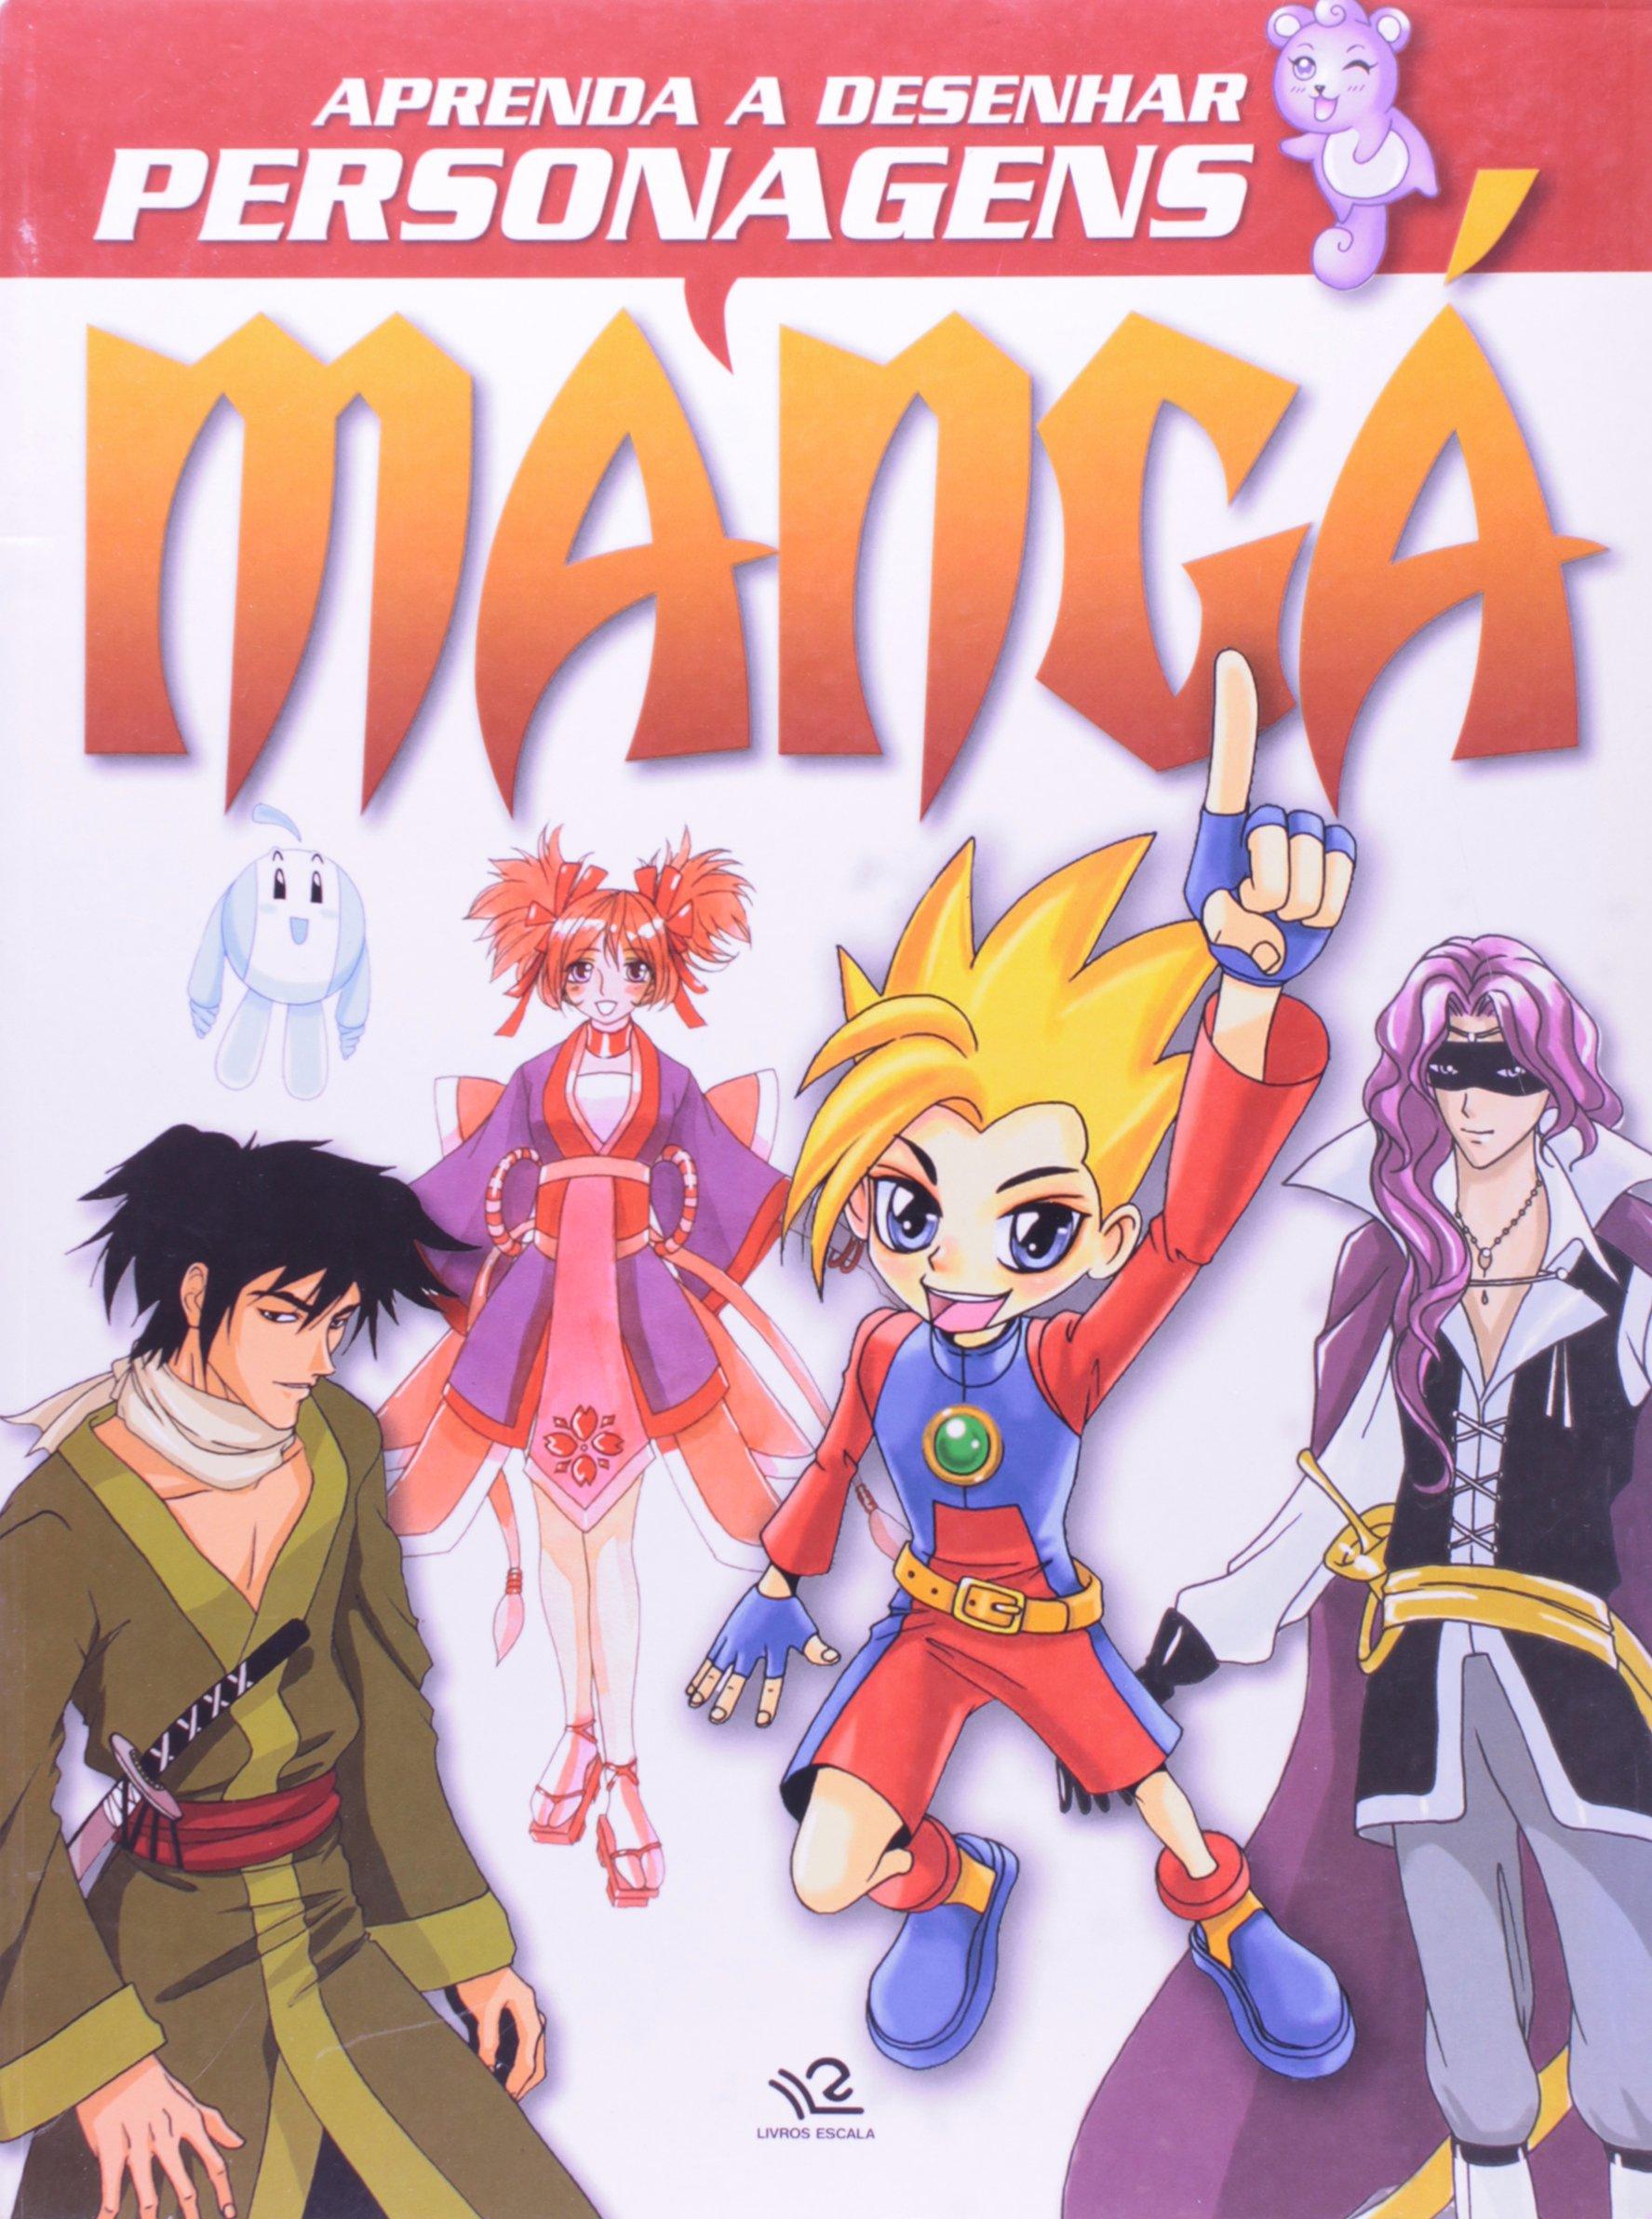 Aprenda A Desenhar Personagens Manga 9788538900344 Livros Na